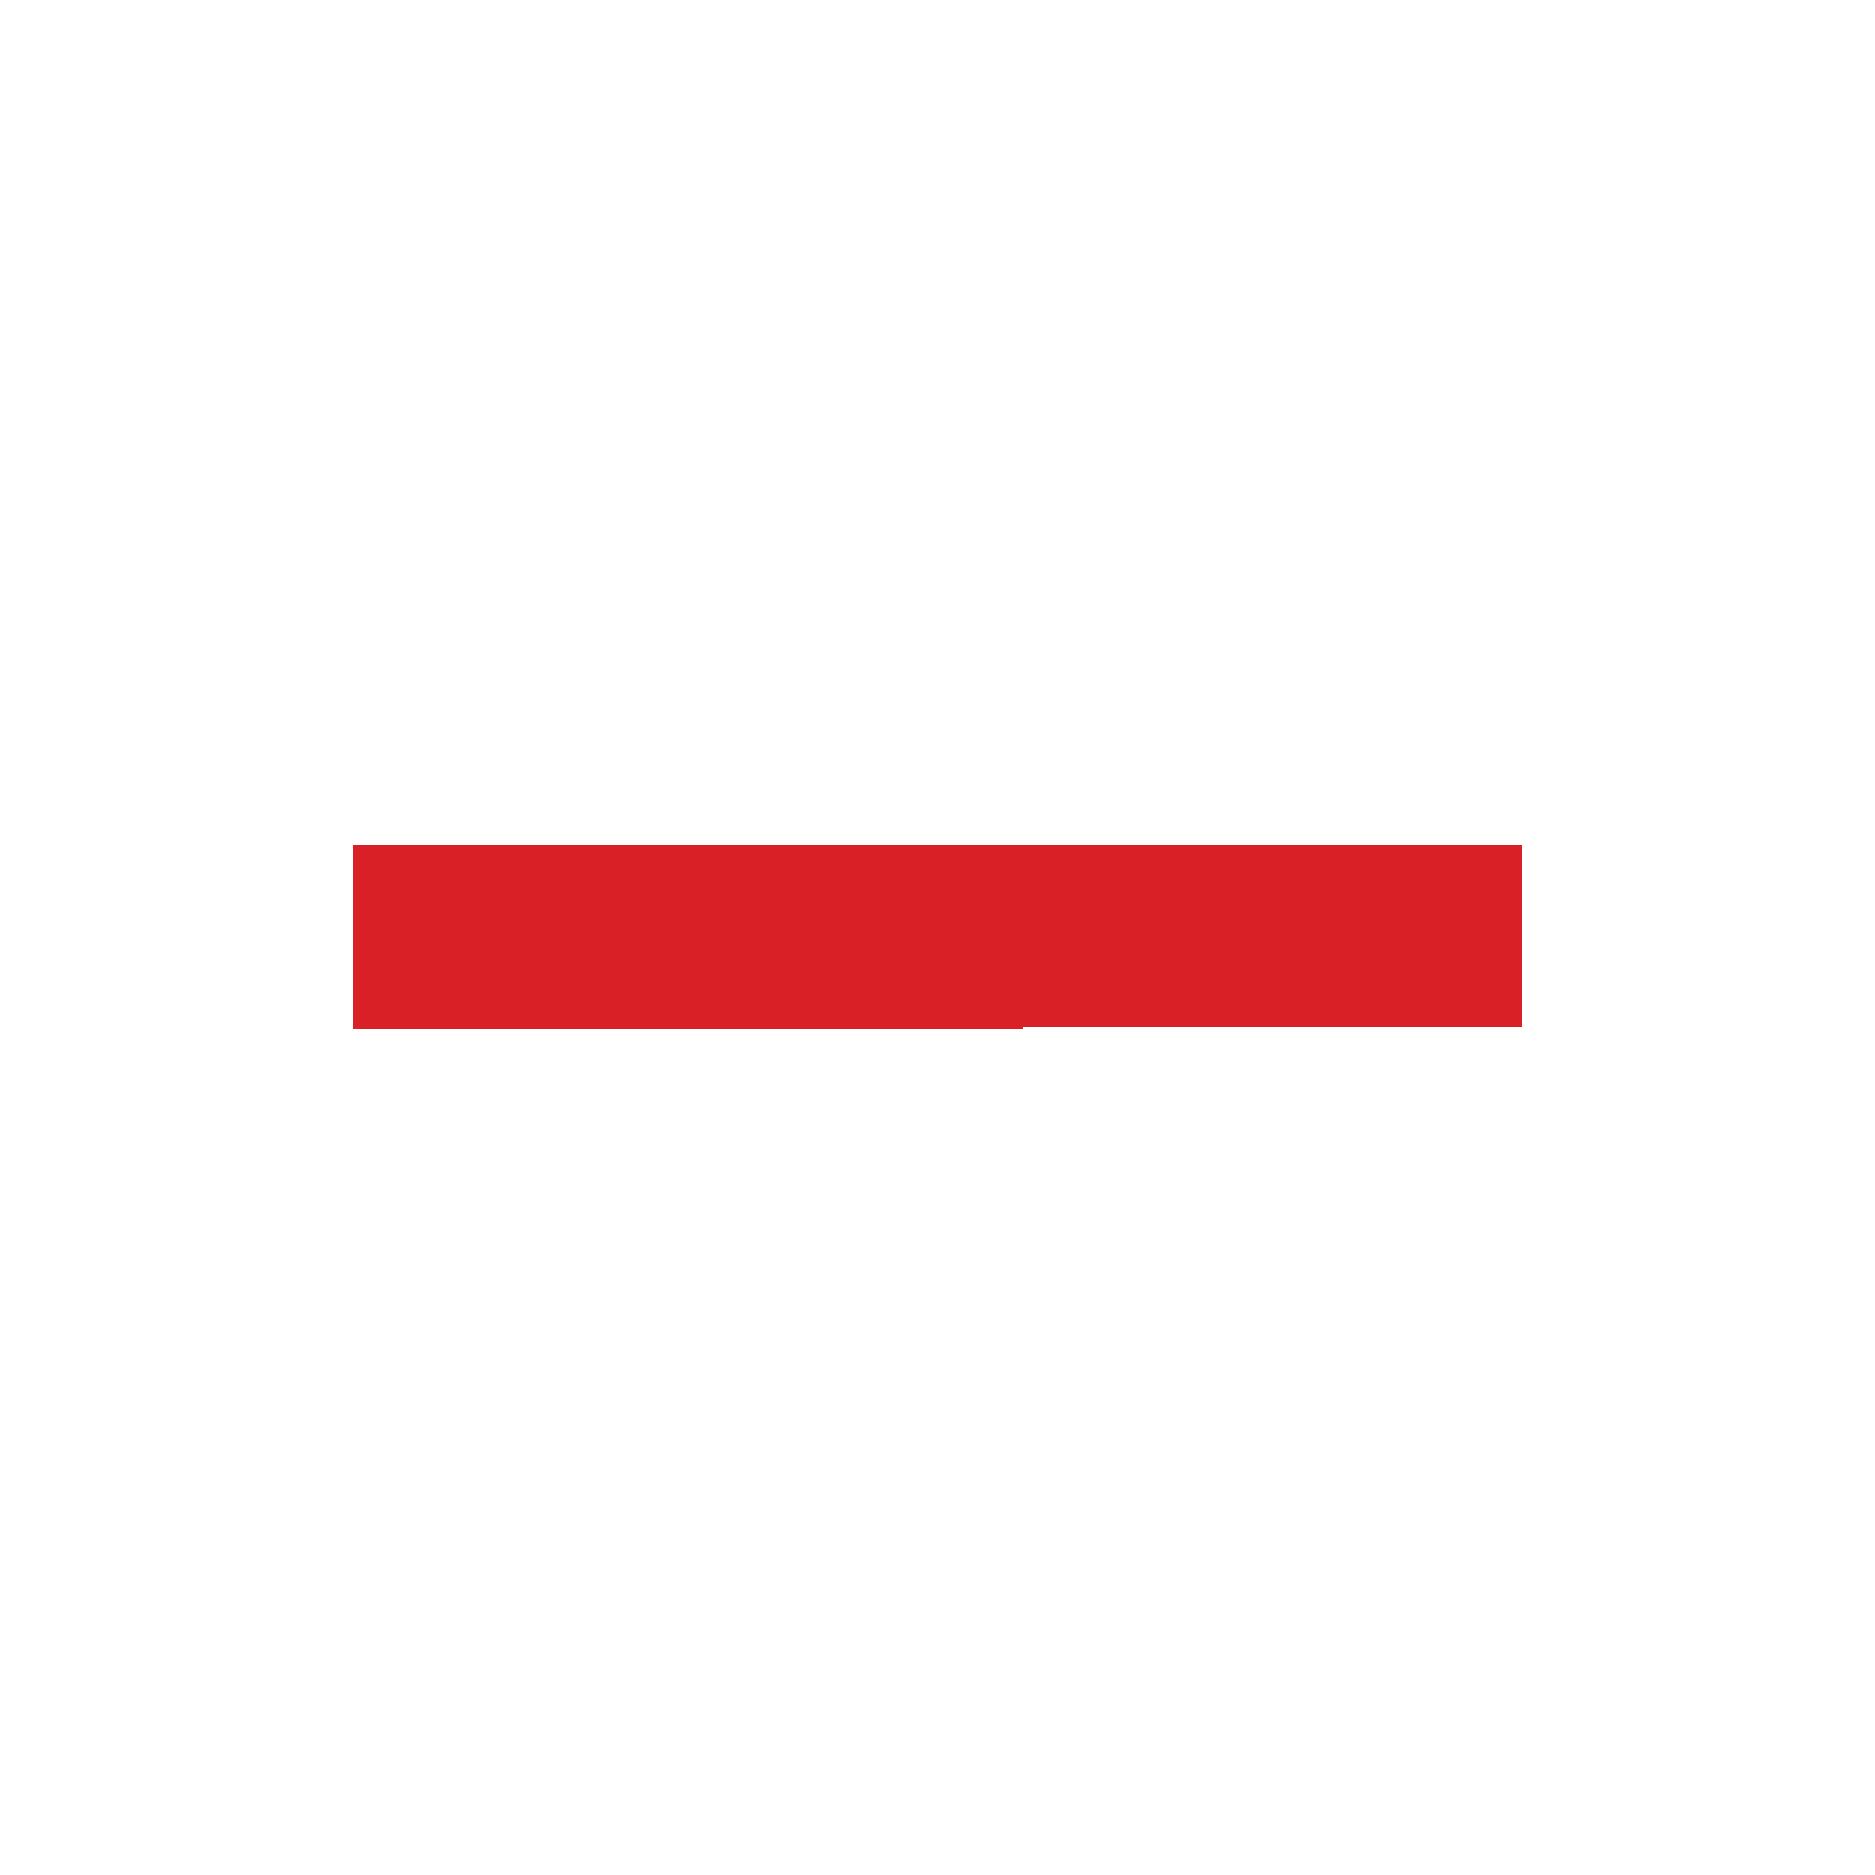 KaiserLanden